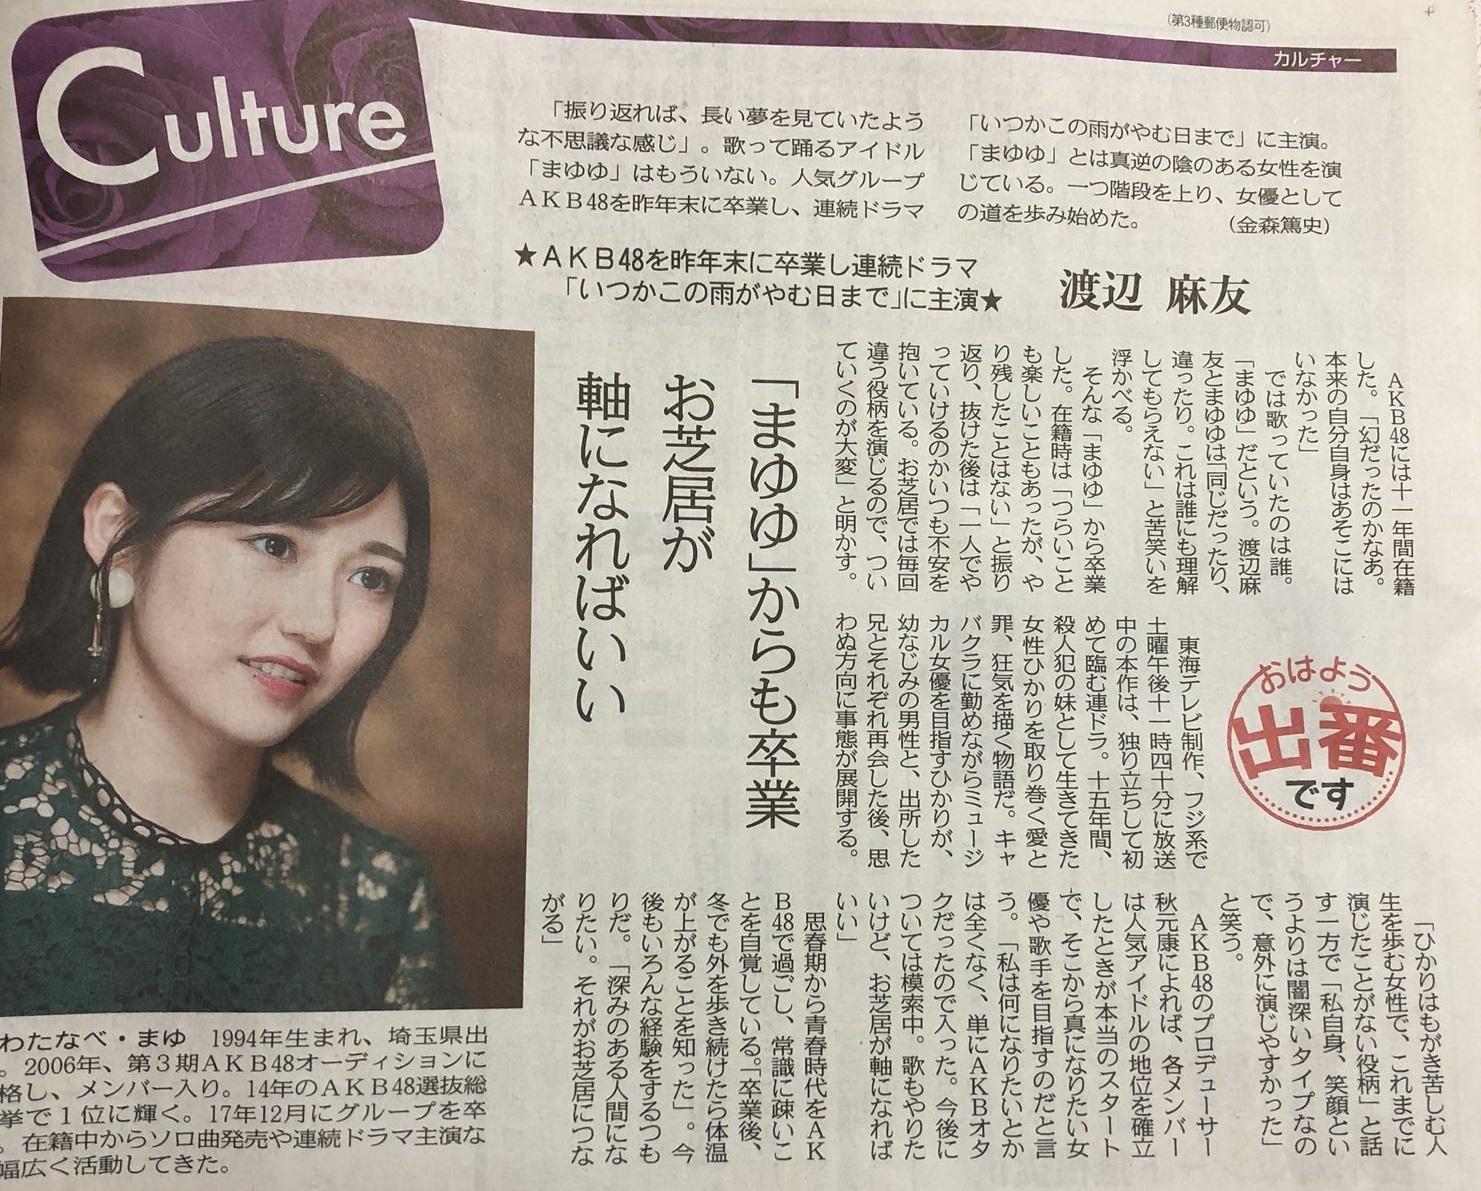 【渡辺麻友】中日新聞インタビュー書き起こし「卒業後冬でも外を歩き続けたら体温が上がることを知った」